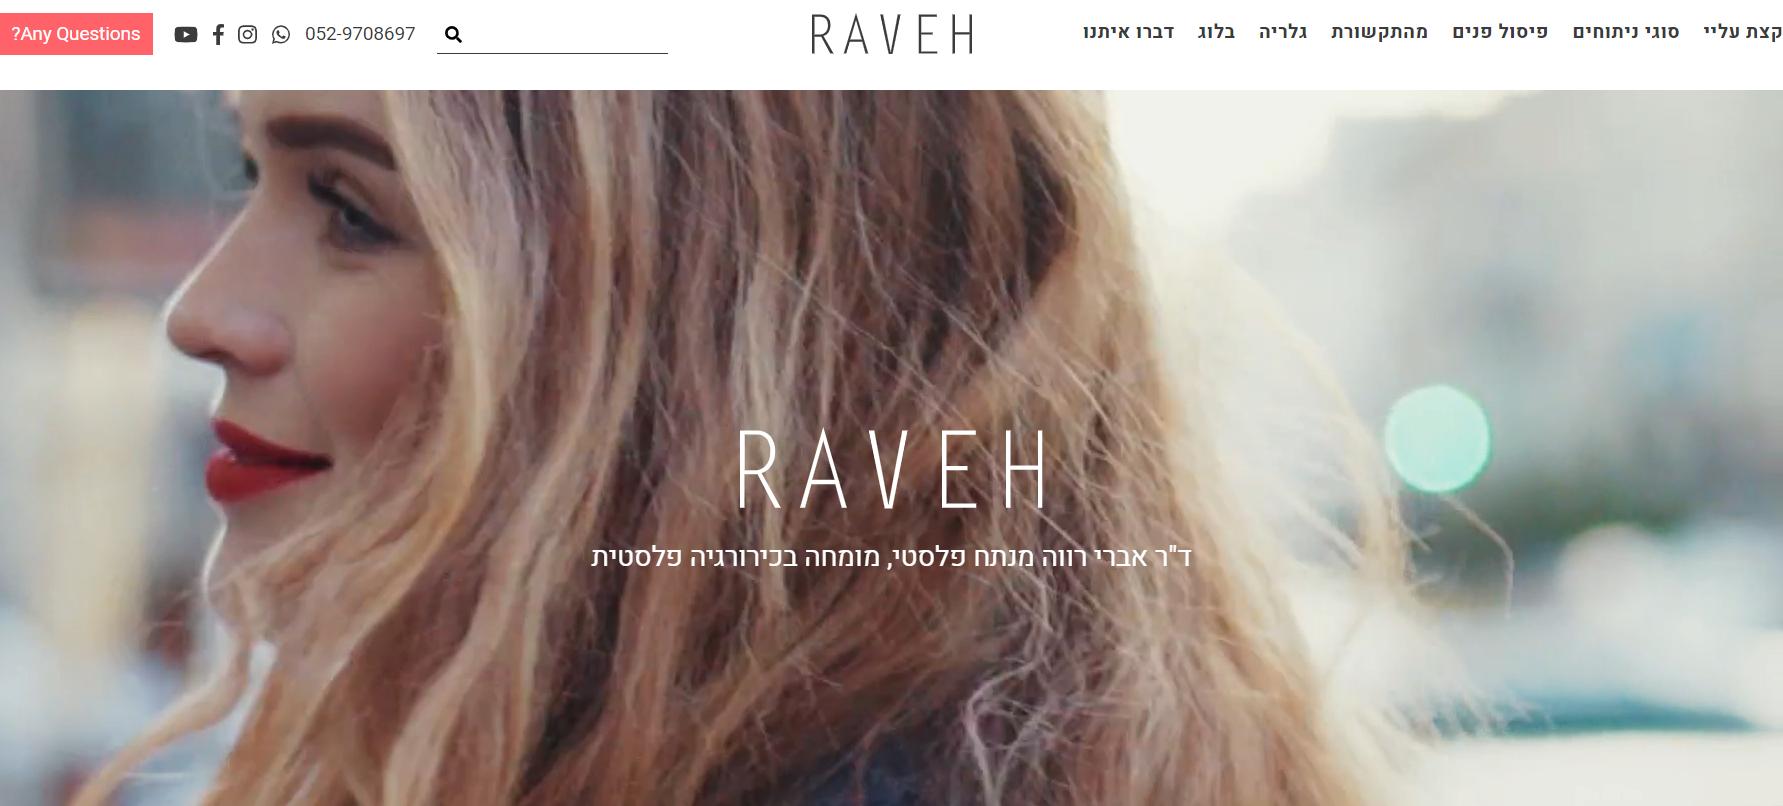 Dr. Raveh